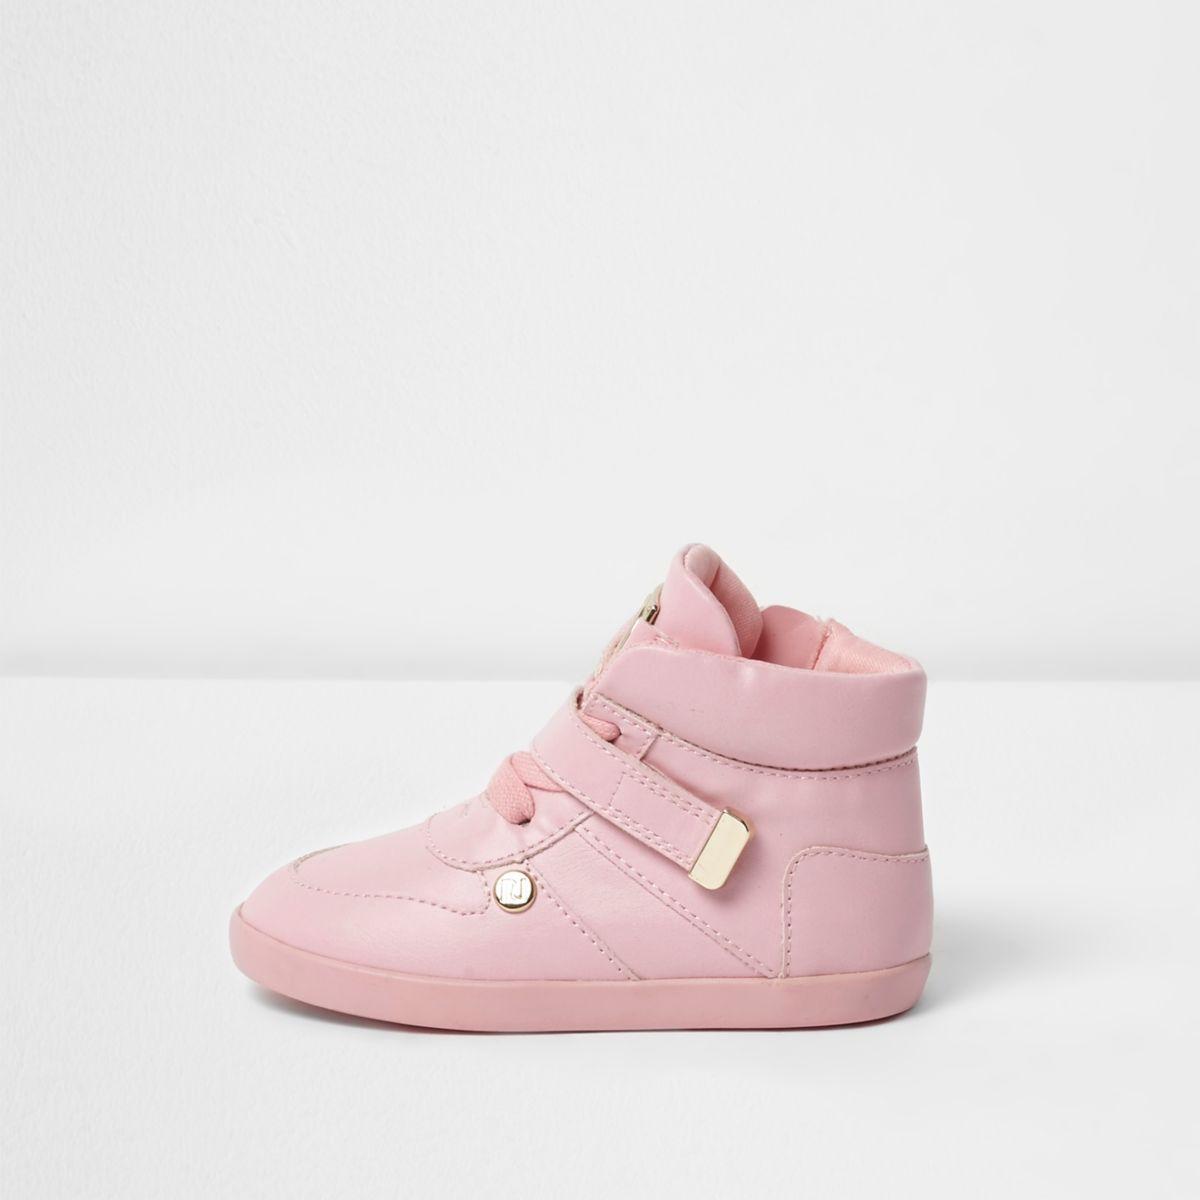 Pinke, hohe Sneakers mit Klettverschluss